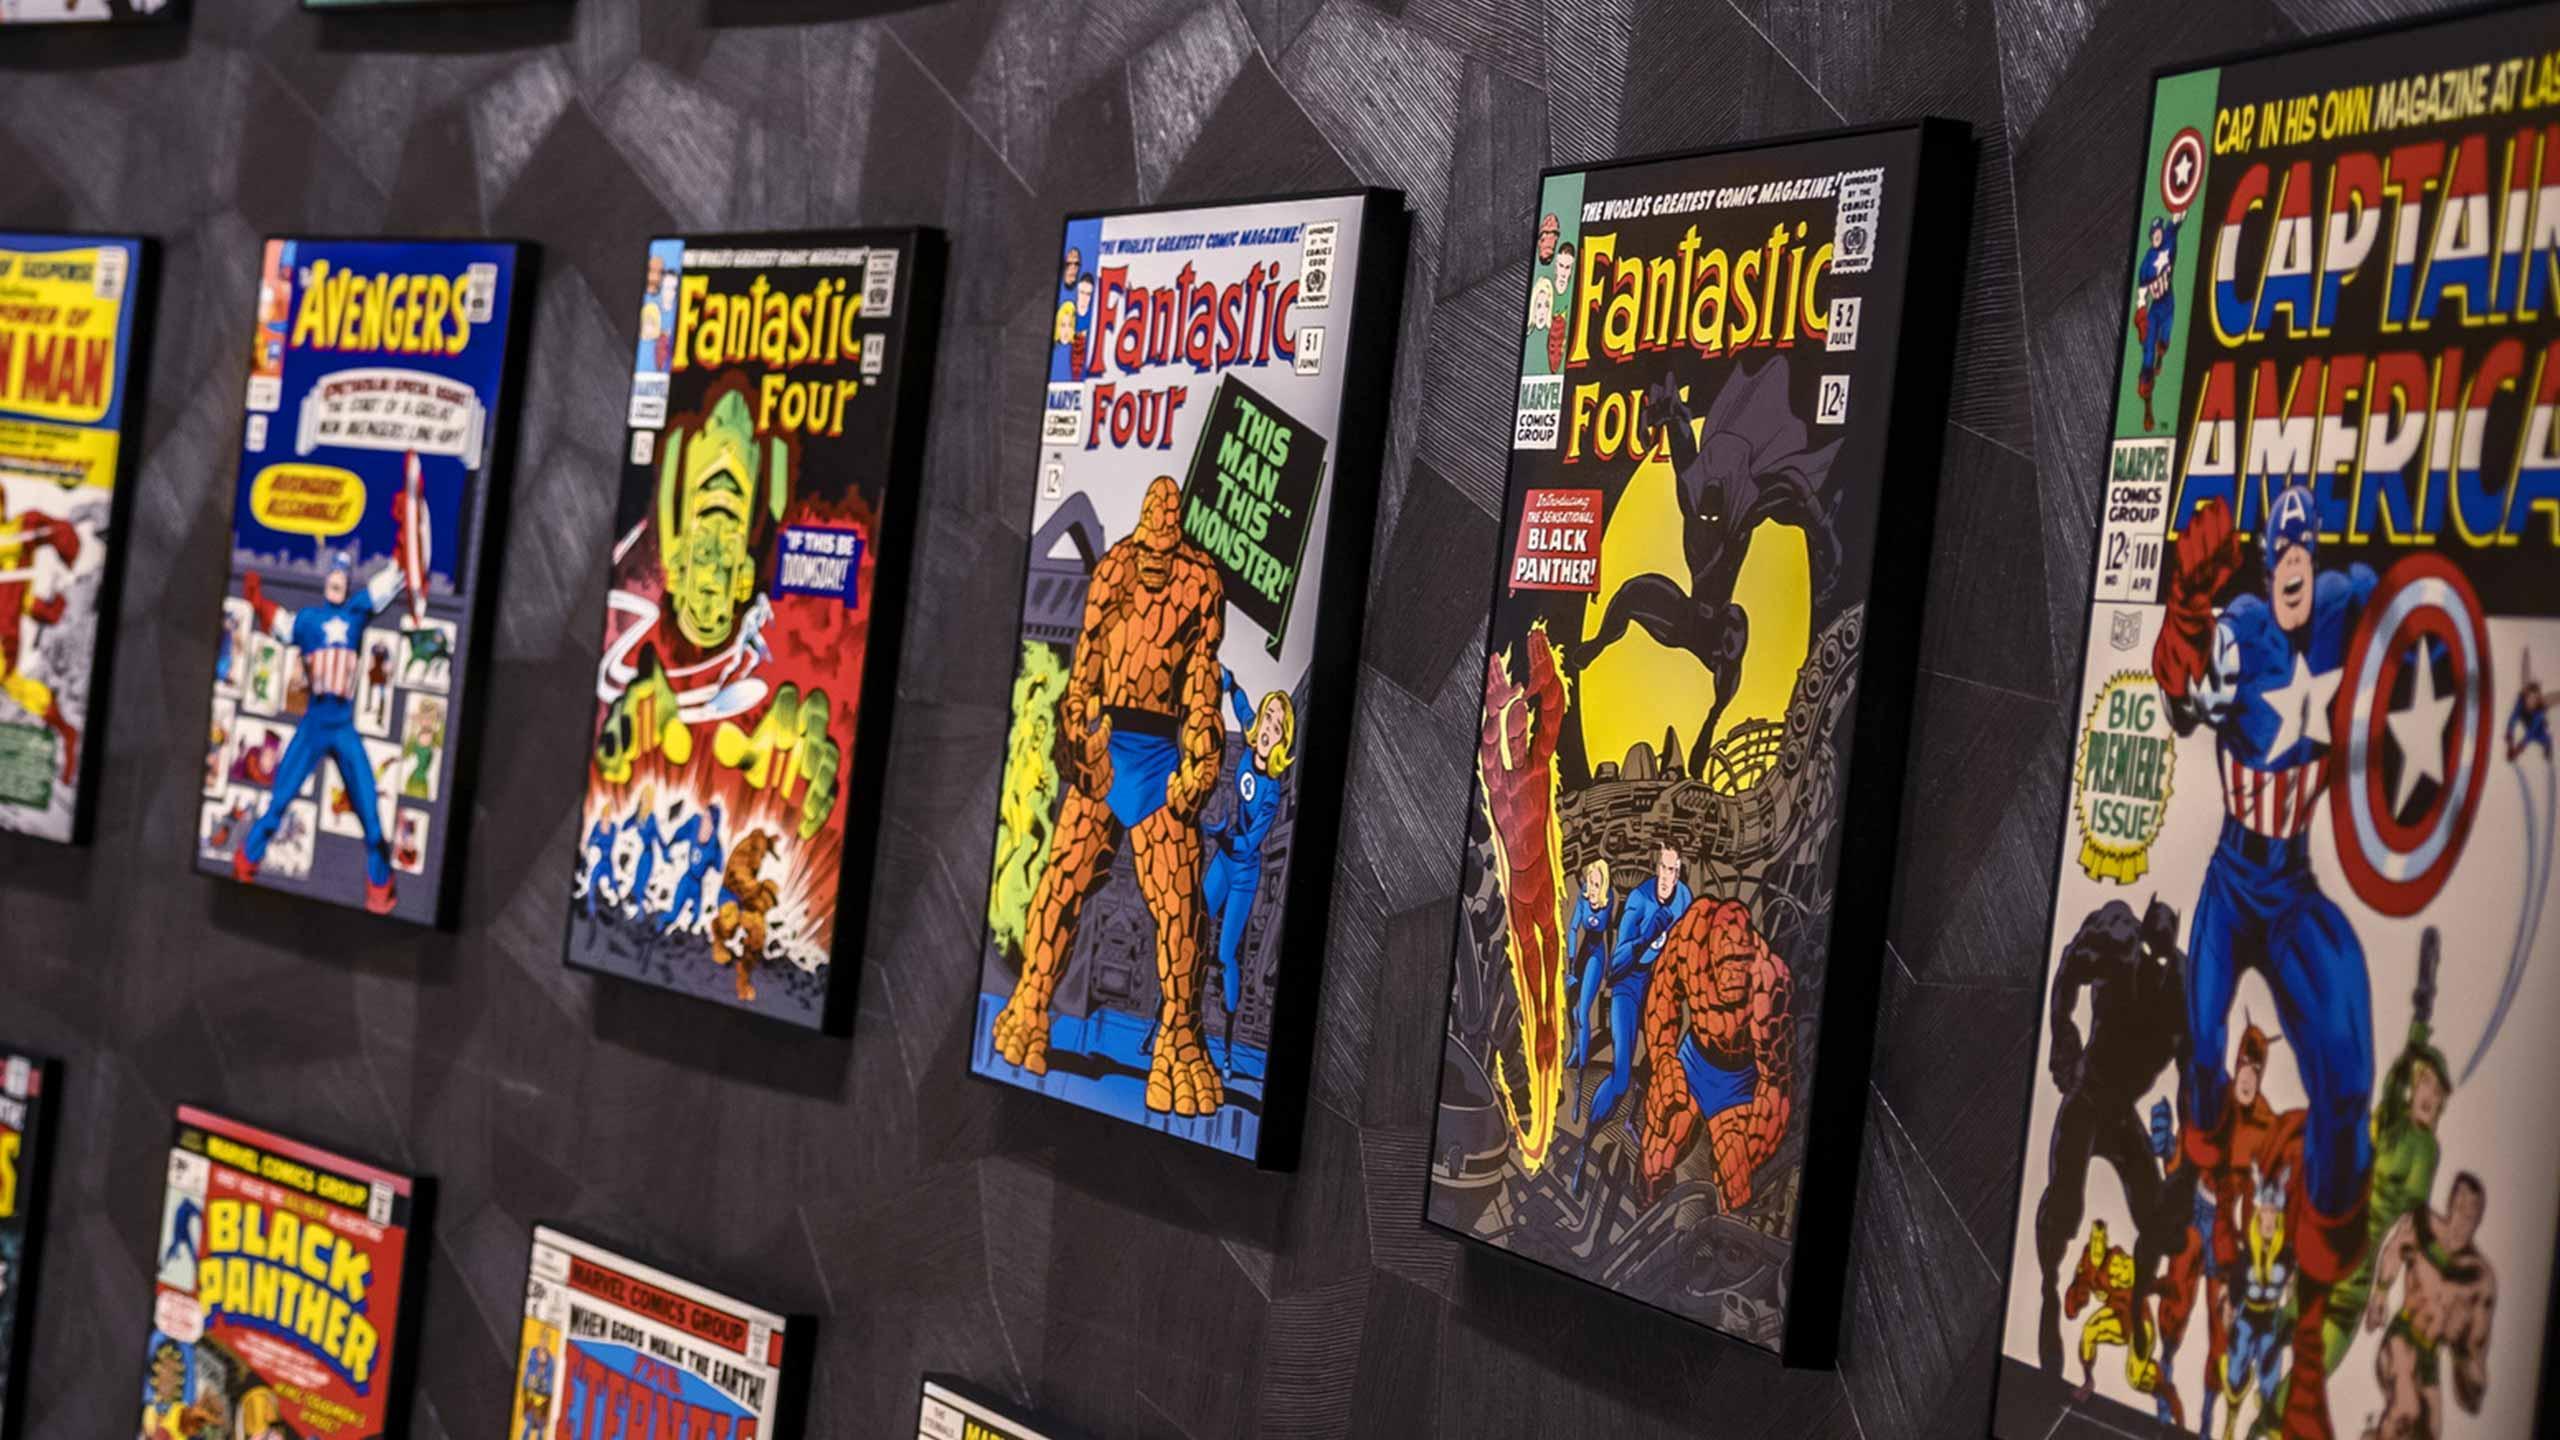 Overal kunstwerken met Superhelden